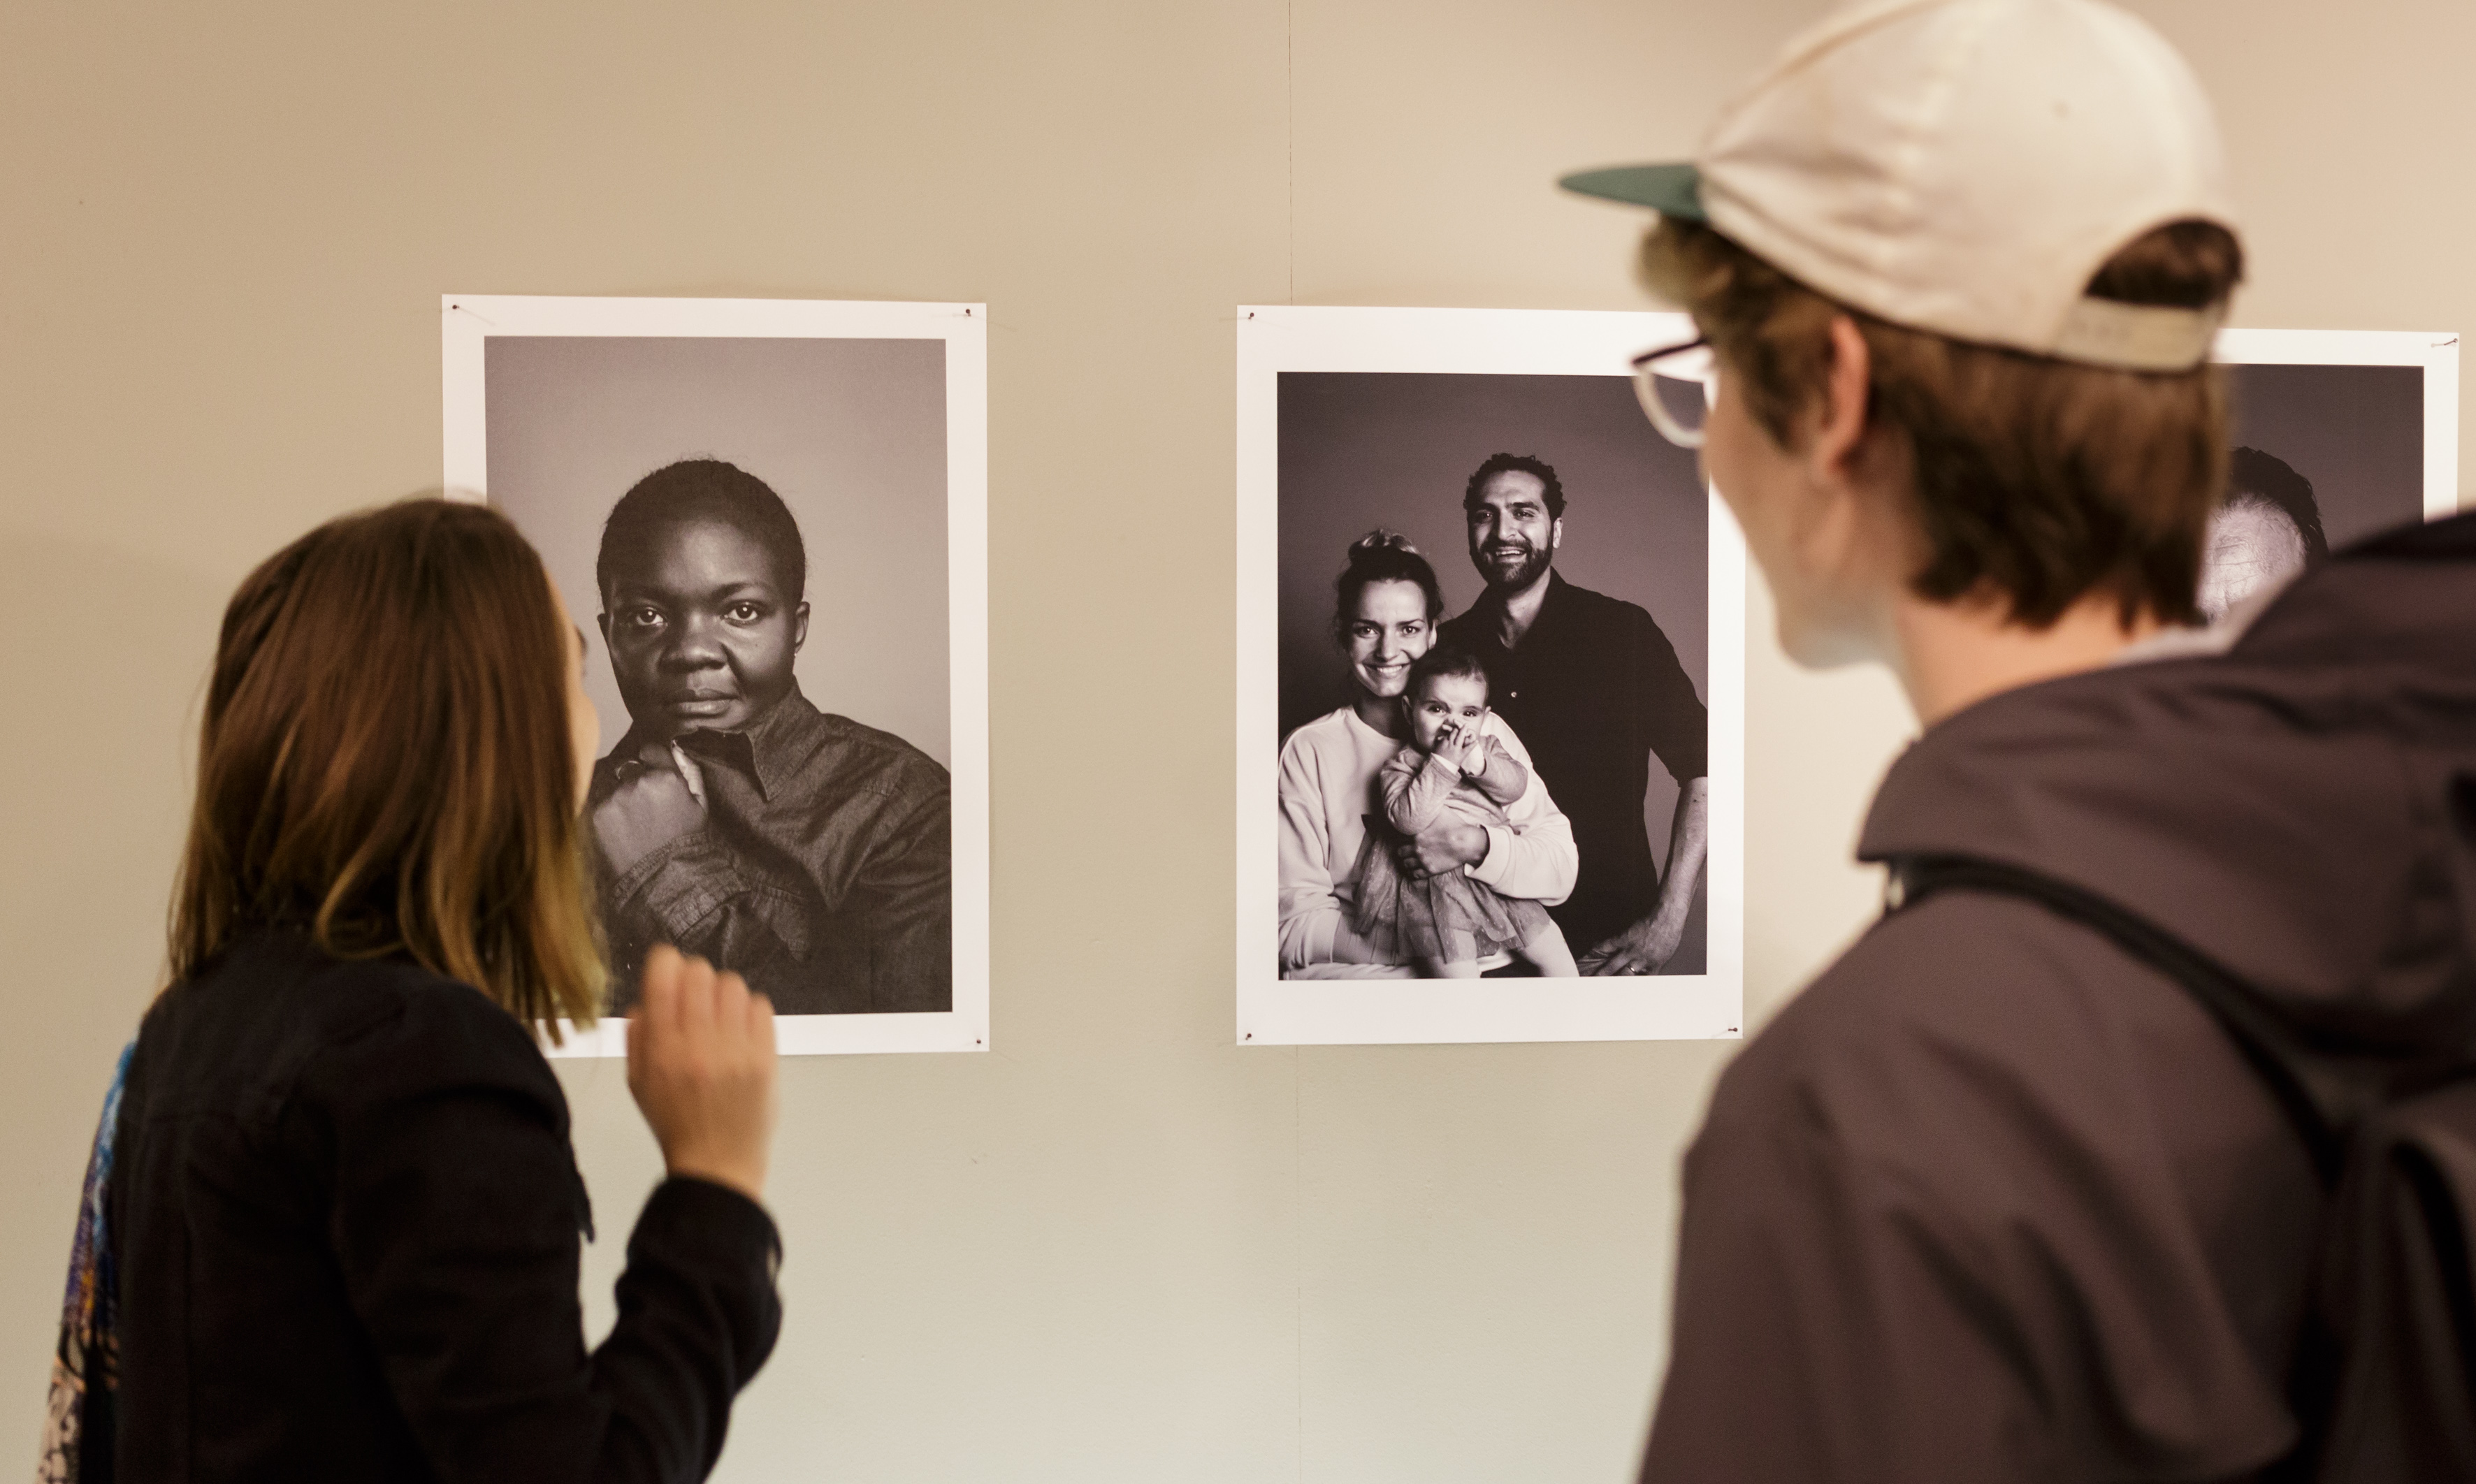 Studio Aleppo Robin de Puy - Humanity House